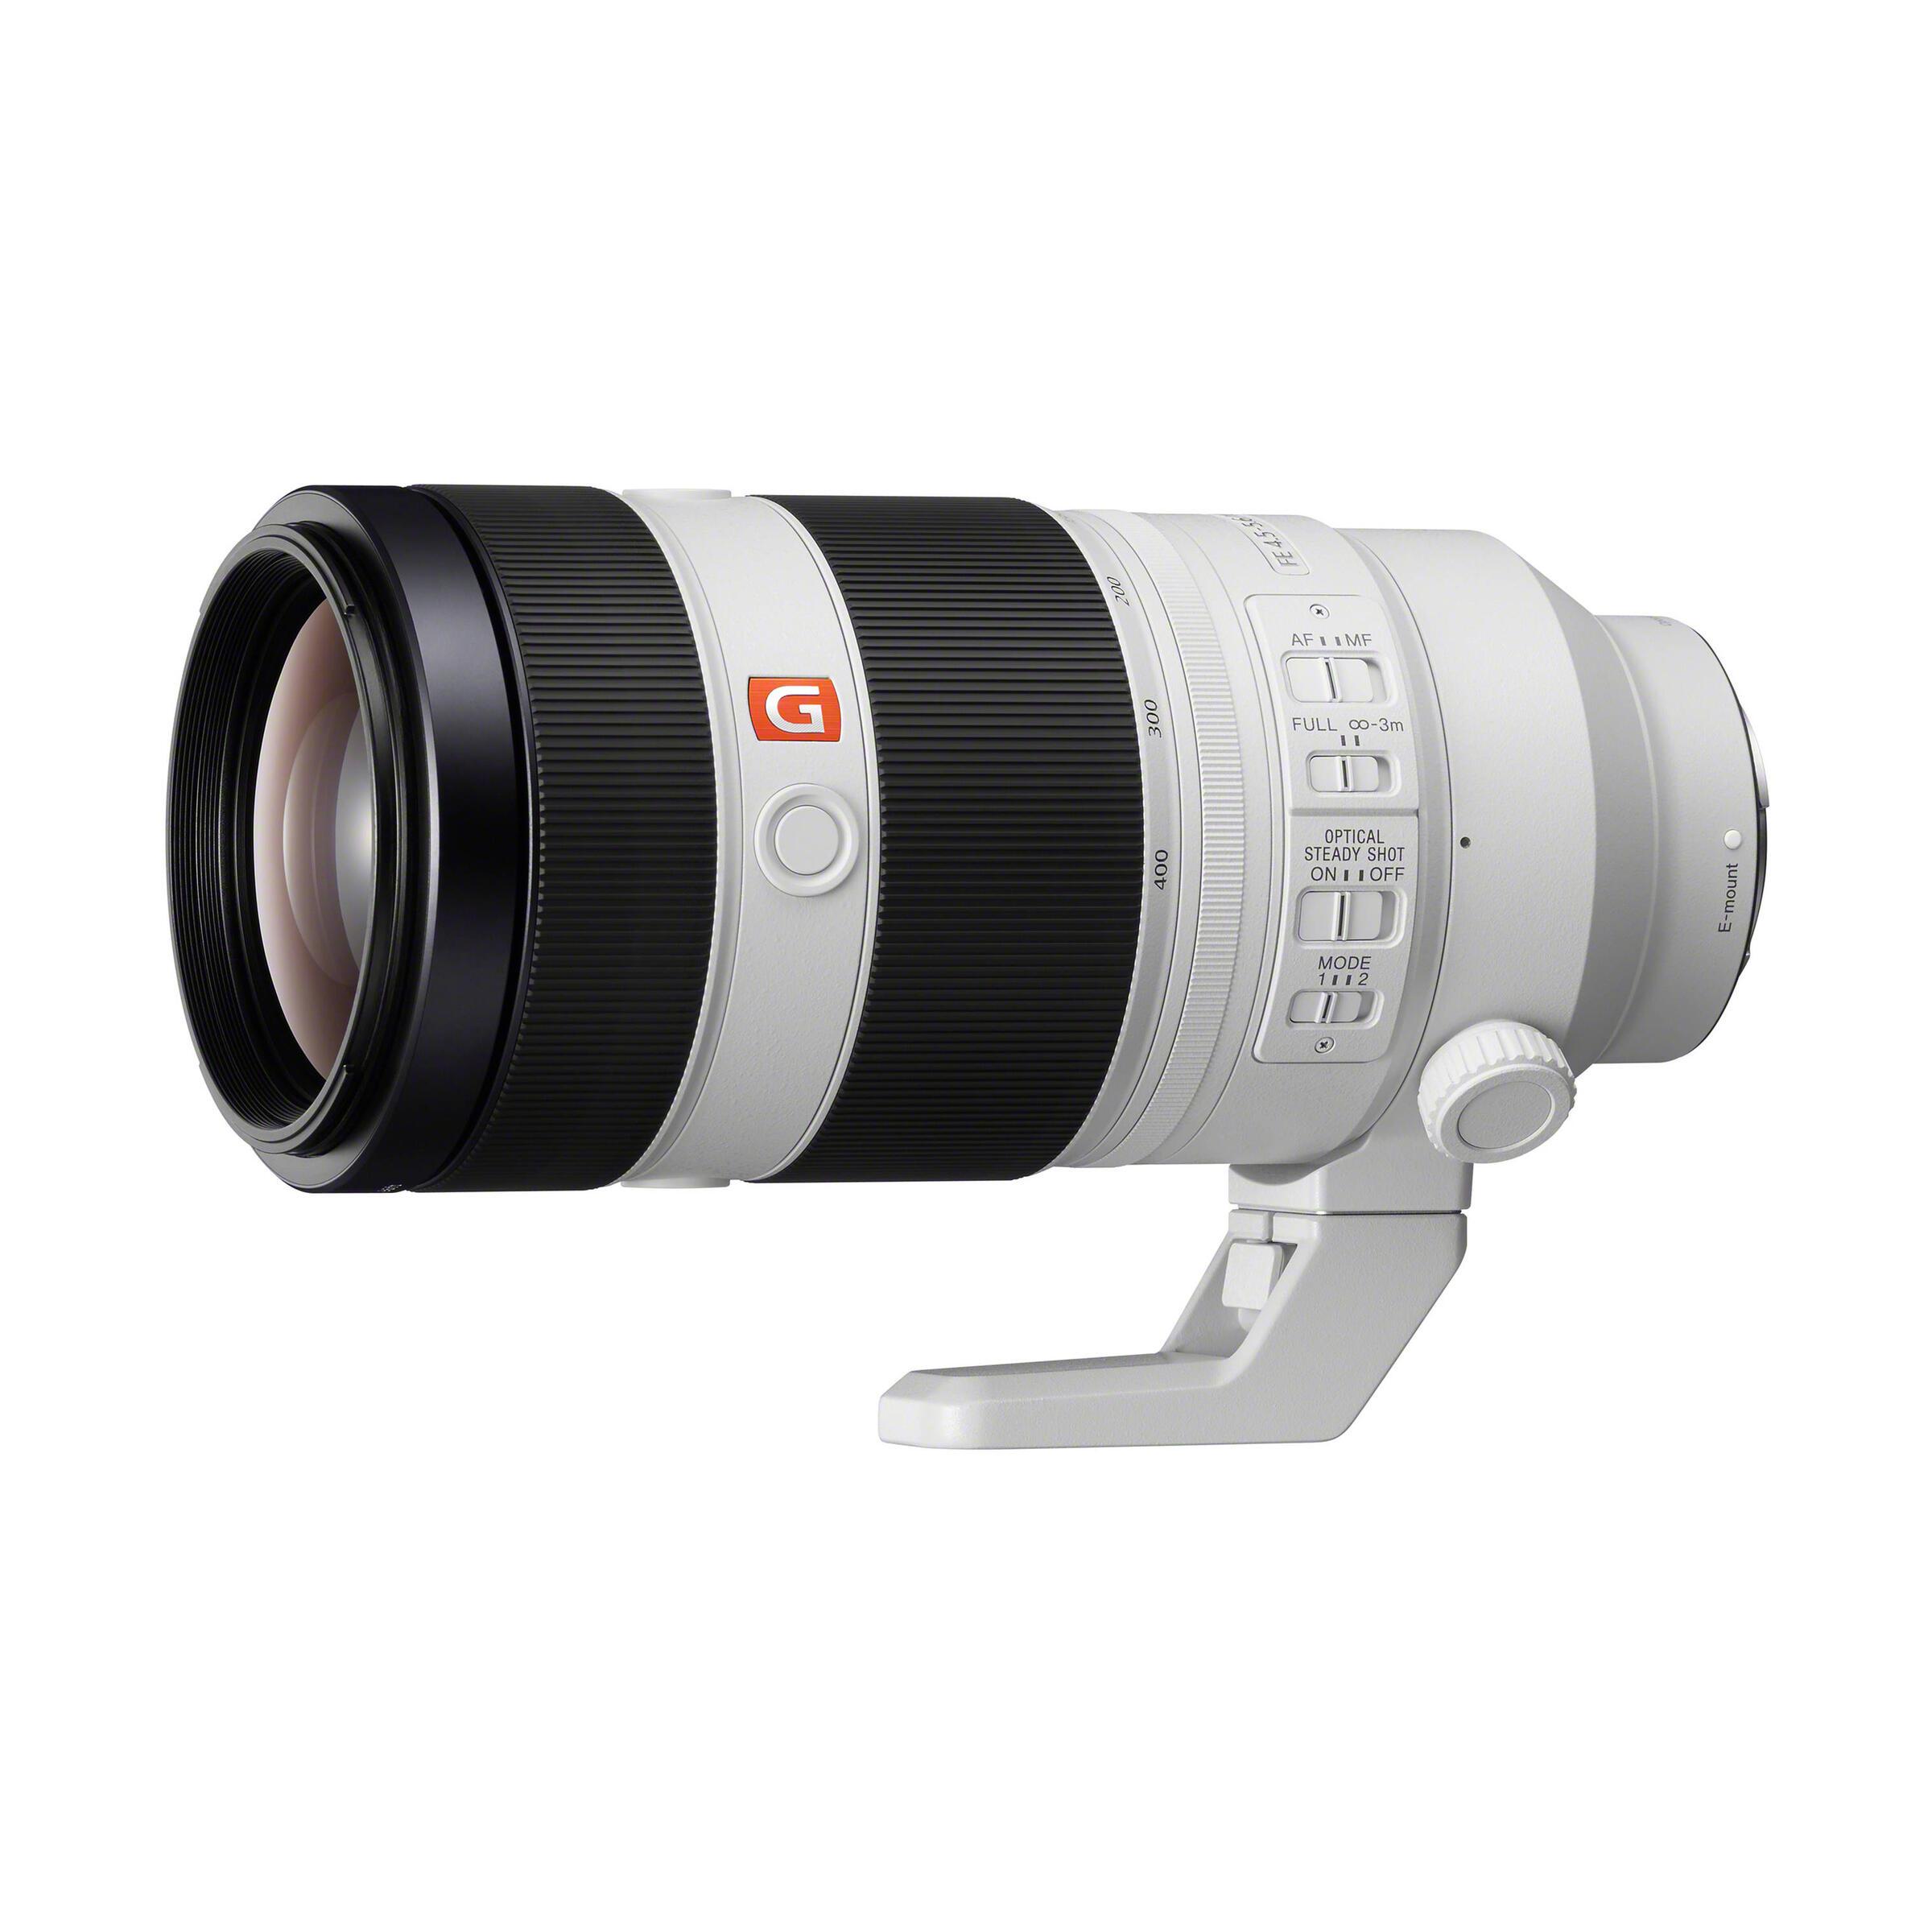 Sony FE 100-400mm f/4,5-5,6 GM OSS